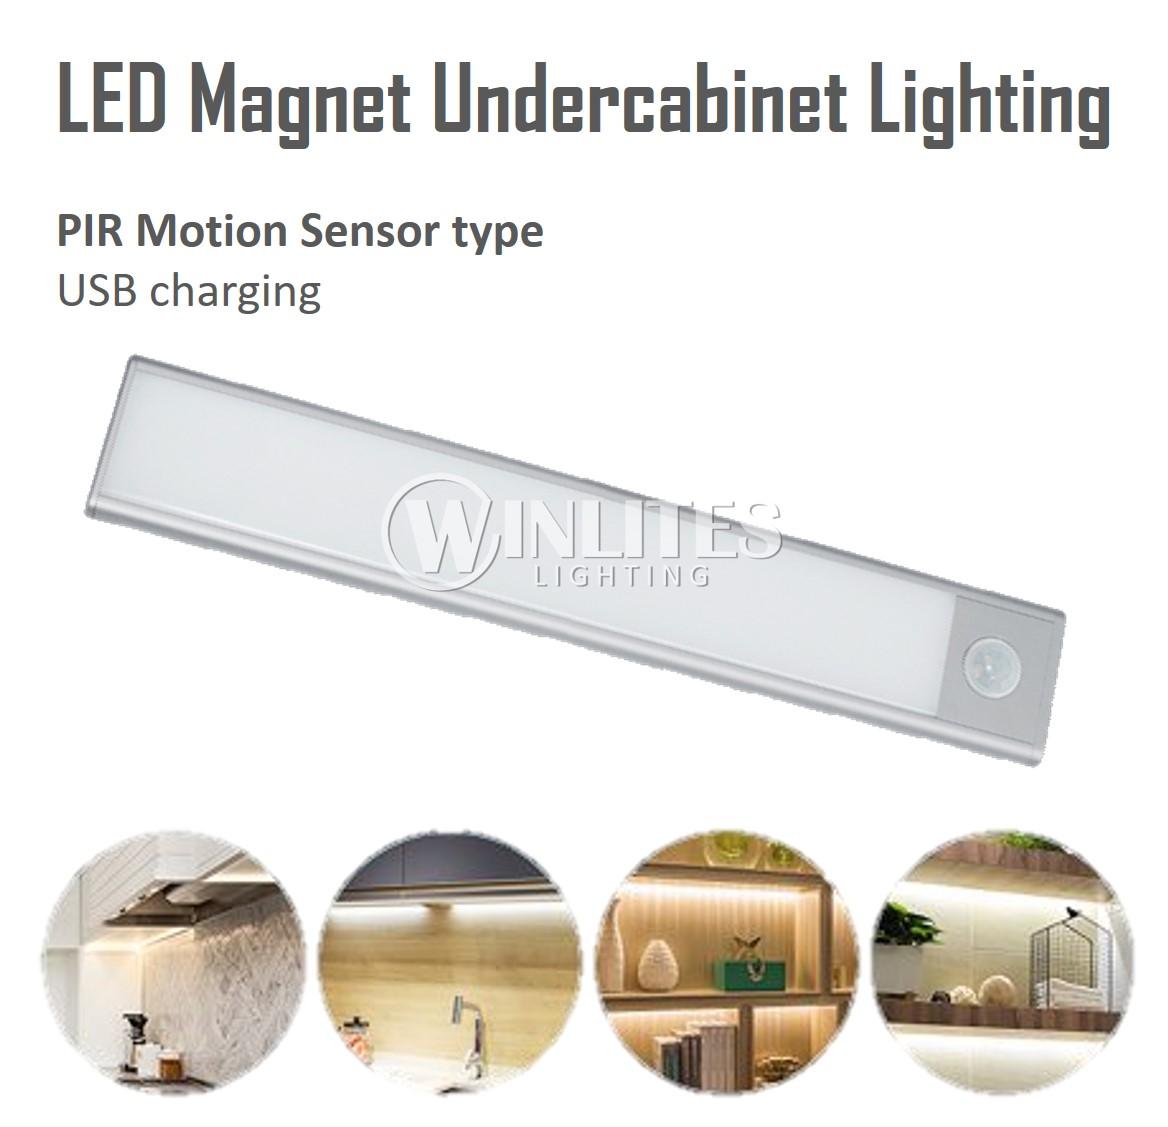 Ultra Slim Magnet Light - PIR Motion Sensor